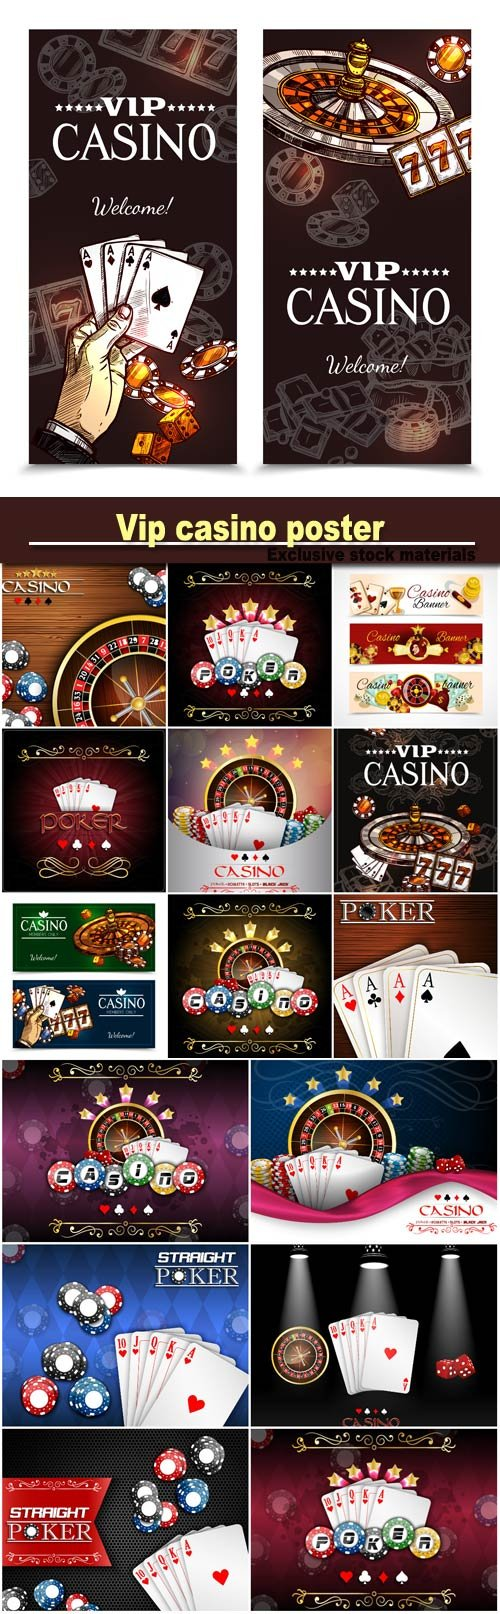 paris casino spa